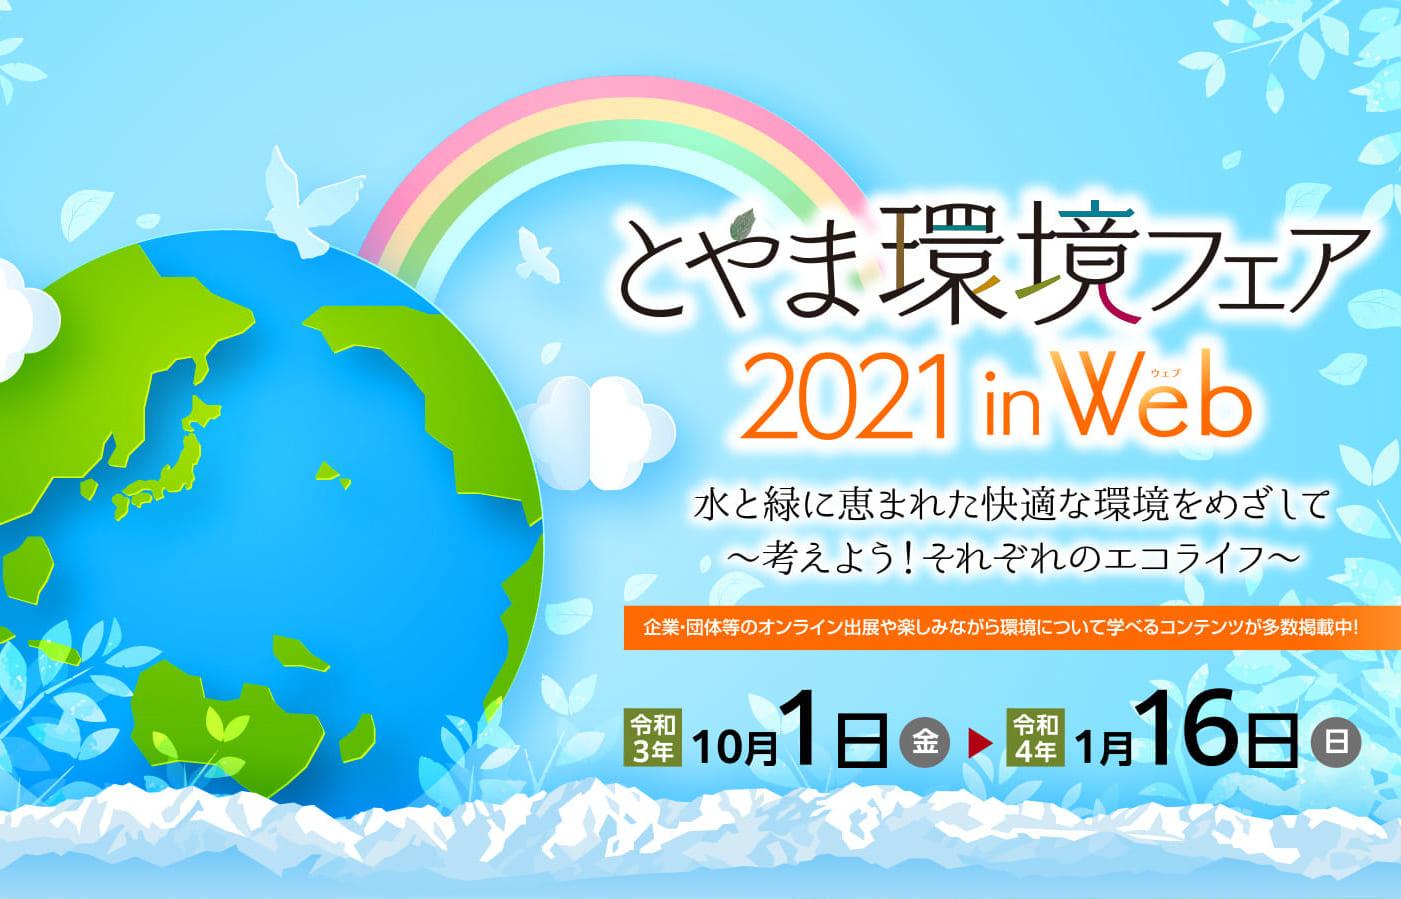 とやま環境フェア2021inWeb